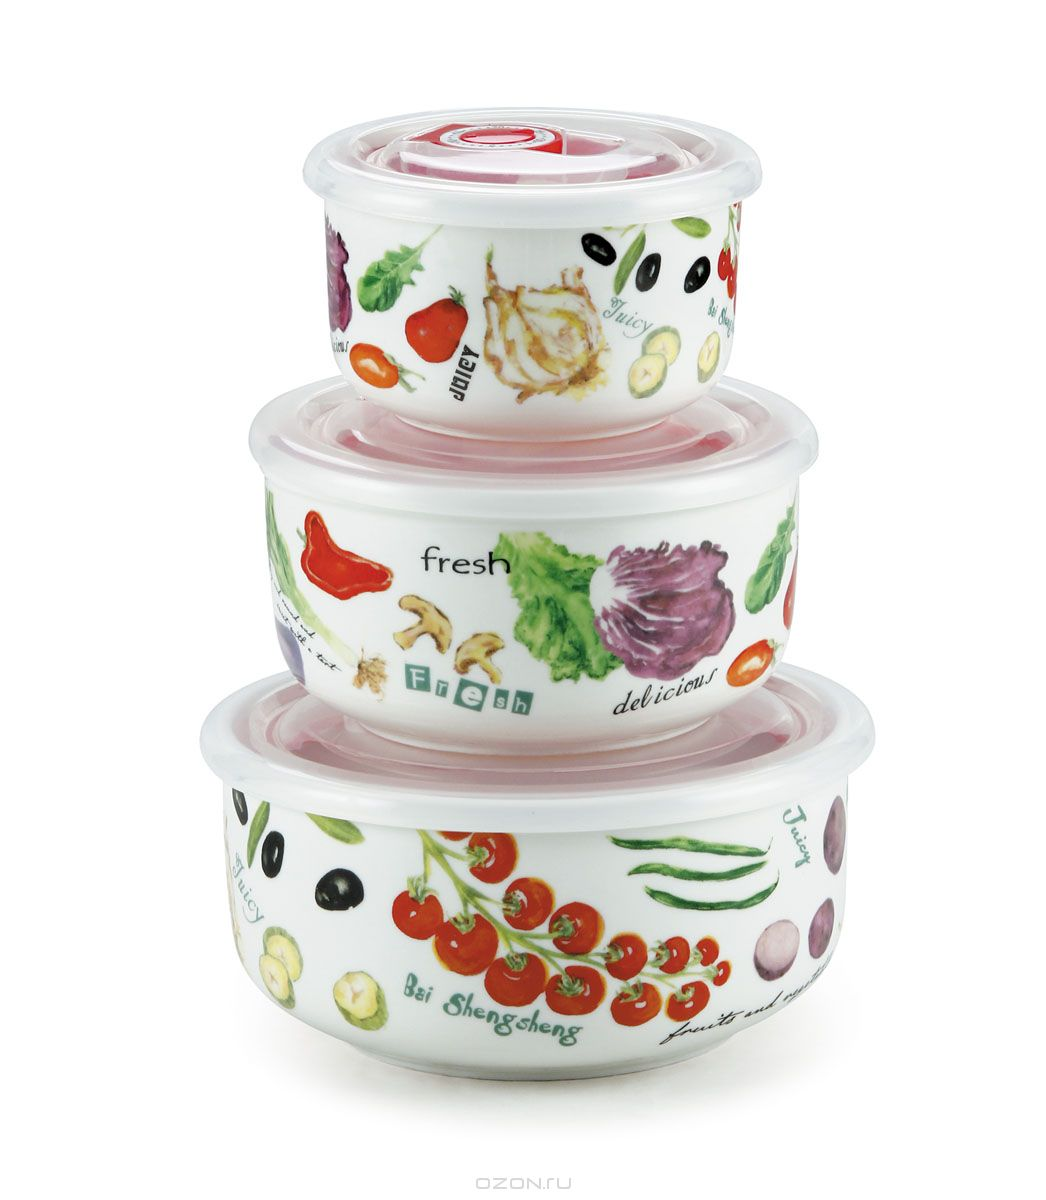 Набор контейнеров Bekker Овощи, 3 шт810004Набор Bekker Овощи состоит из трех круглых контейнеров, выполненных из высококачественного фарфора. Внешние стенки изделий декорированы красочным изображением овощей. Контейнеры снабжены пластиковыми прозрачными крышками, которые имеют силиконовую прослойку и клапан для создания вакуума, это позволяет дольше хранить продукты. Такой набор подходит для домашнего использования, контейнеры также удобно брать с собой на учебу или работу. Подходят для приготовления блюд в микроволновой печи и духовом шкафу (без крышки) при нагревании до +130°С и для замораживания (с крышкой) при температуре -30°С. Подходят для чистки в посудомоечной машине. Диаметр контейнеров: 10 см, 13 см, 15 см. Высота стенок контейнеров: 6 см, 6,5 см, 7 см. Объем контейнеров: 300 мл, 550 мл, 950 мл.